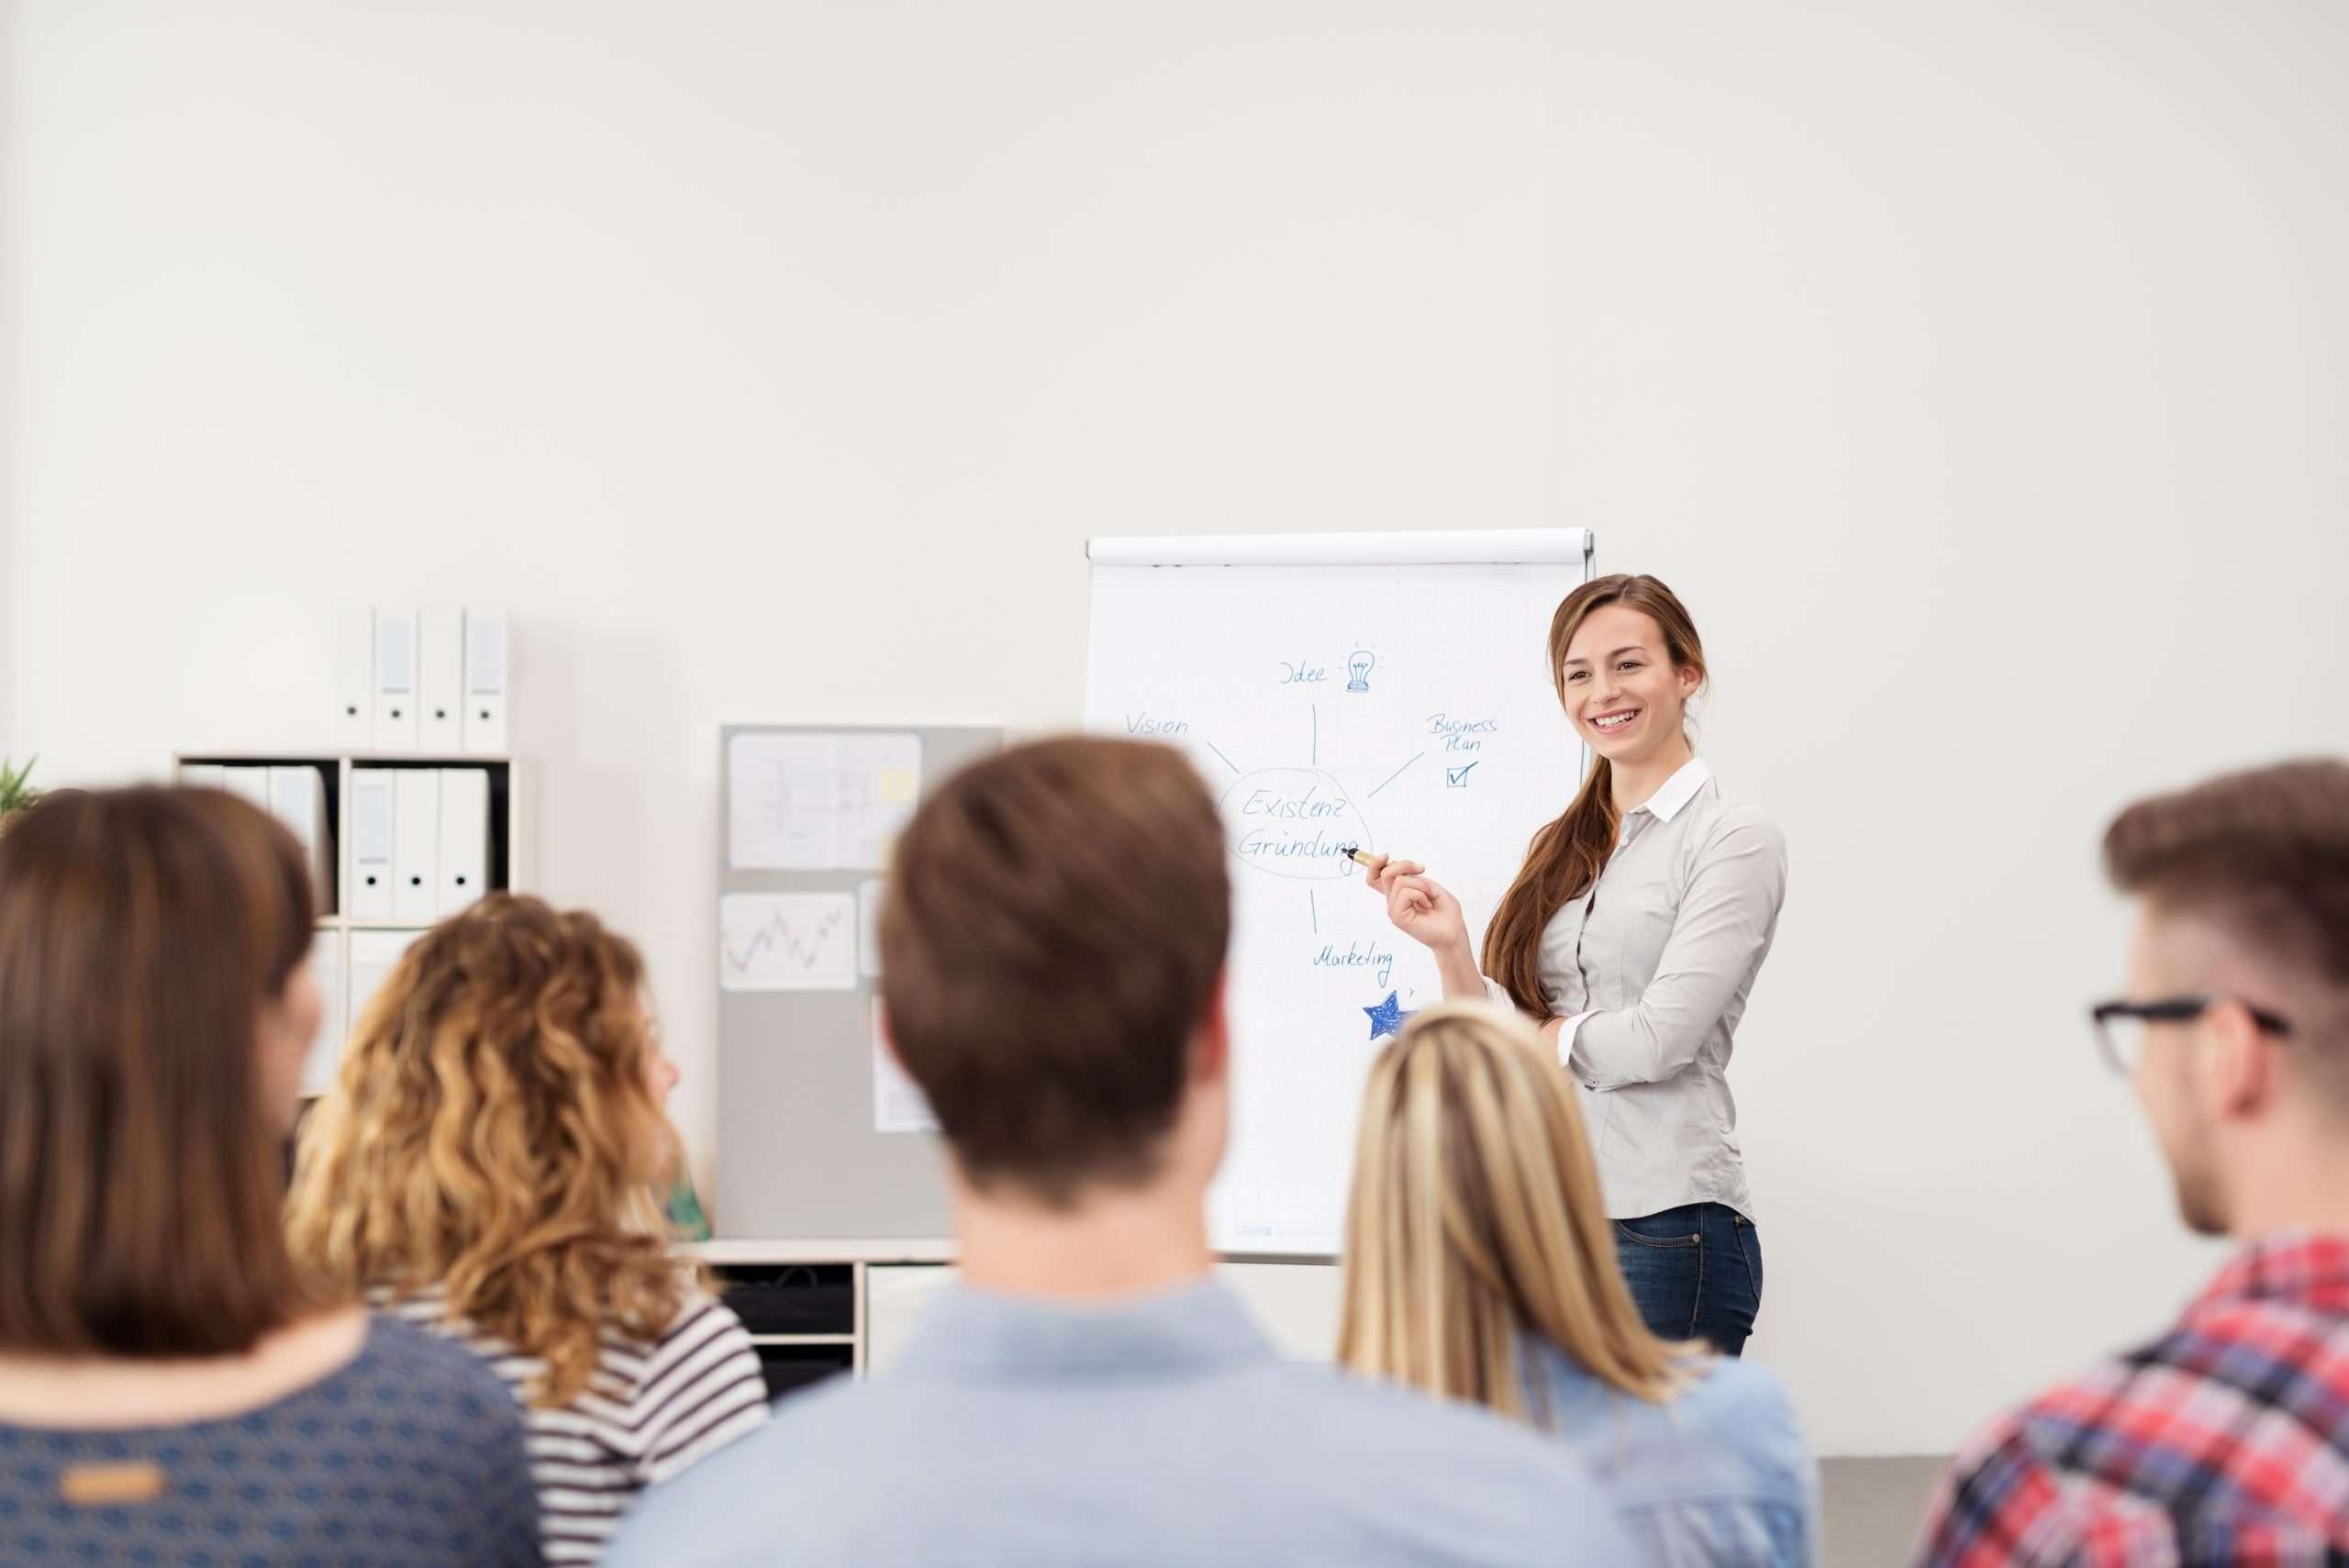 La réforme de la formation : opportunité pour les organismes de formation et les écoles